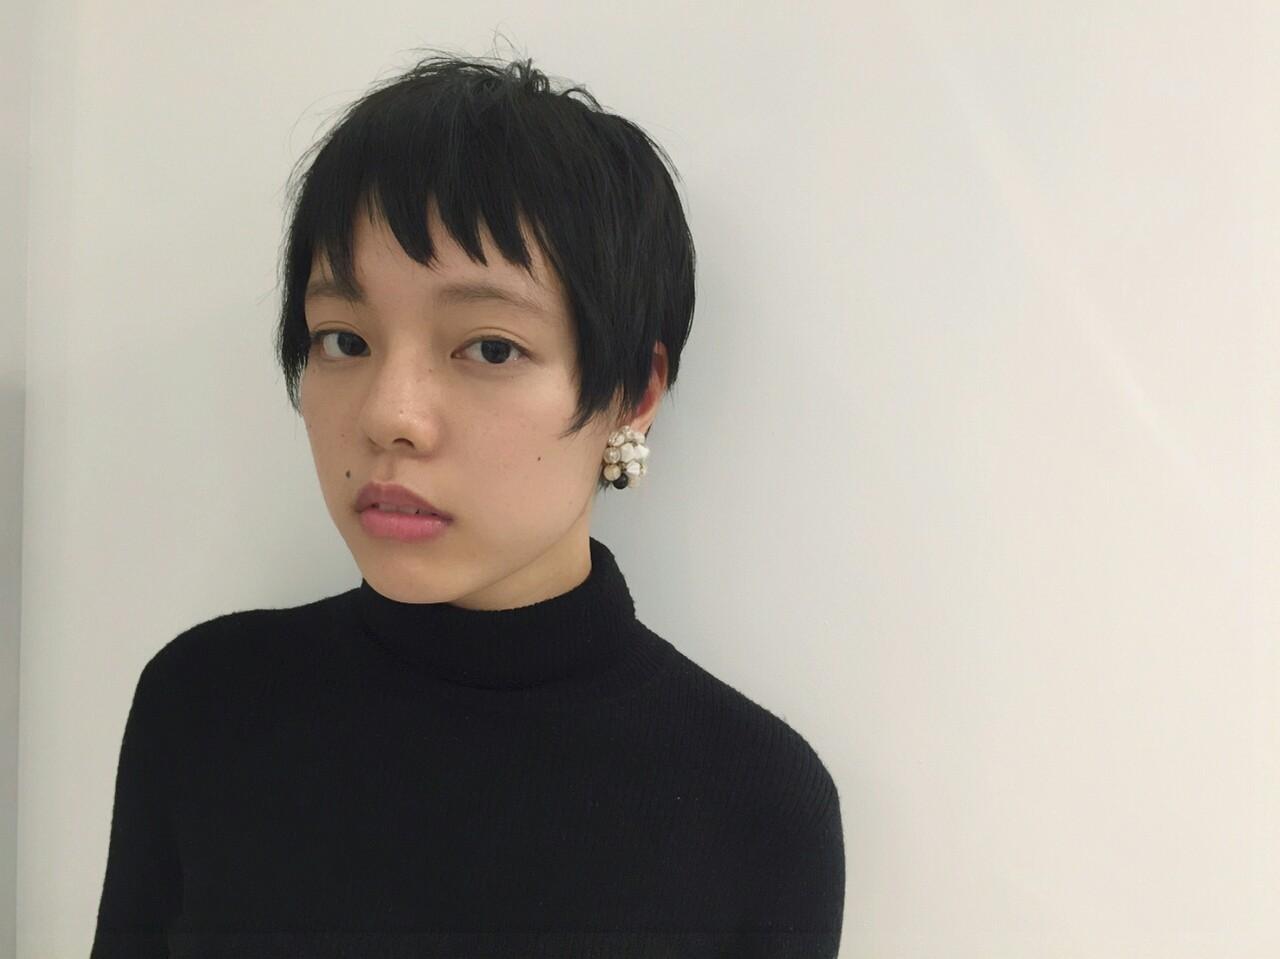 黒髪 ショート 外国人風 ベリーショート ヘアスタイルや髪型の写真・画像